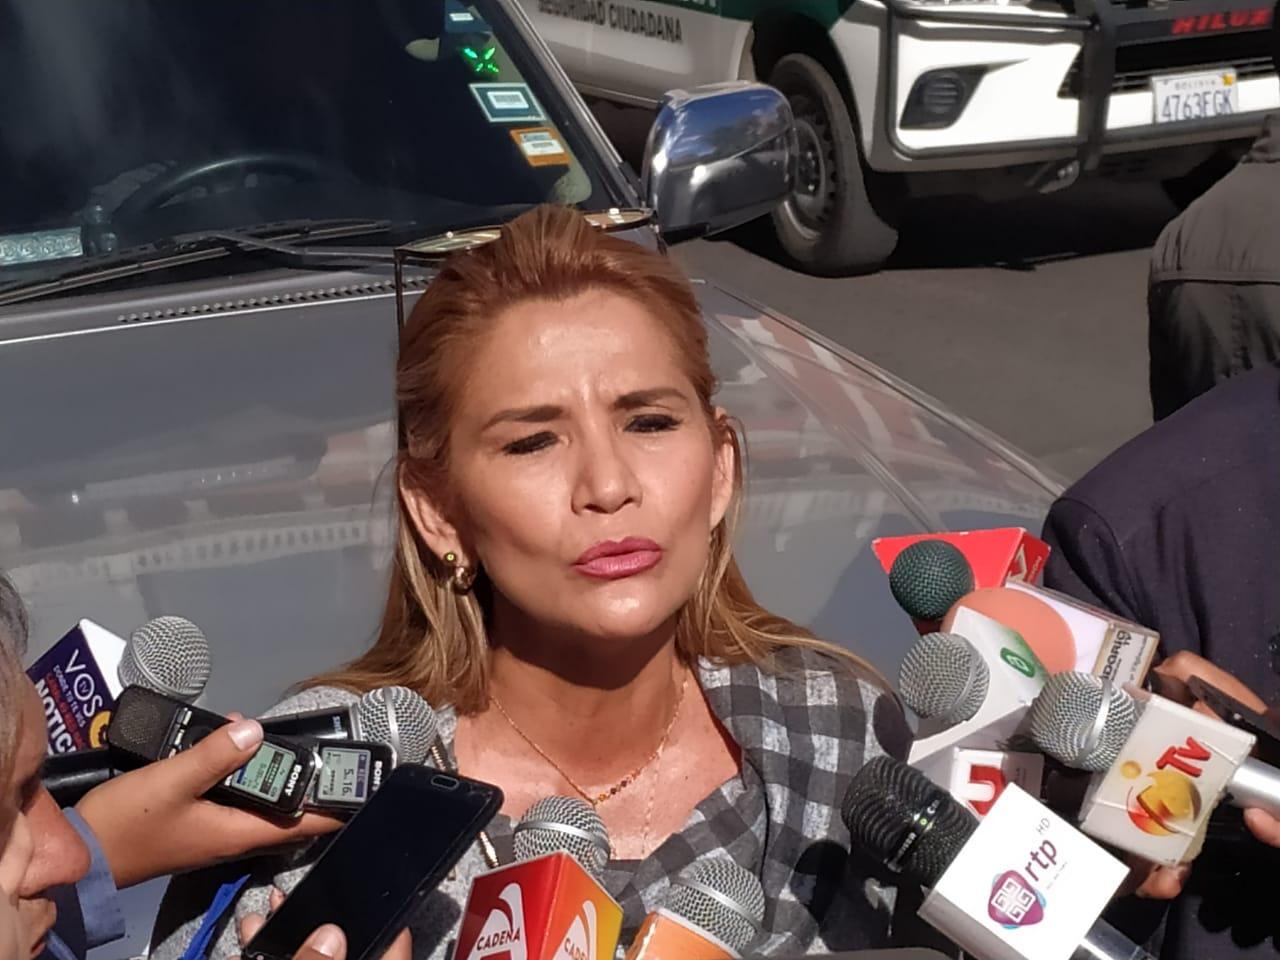 Oposición pide investigar a hija del Fiscal General por contar con un patrimonio de Bs 4.000.000